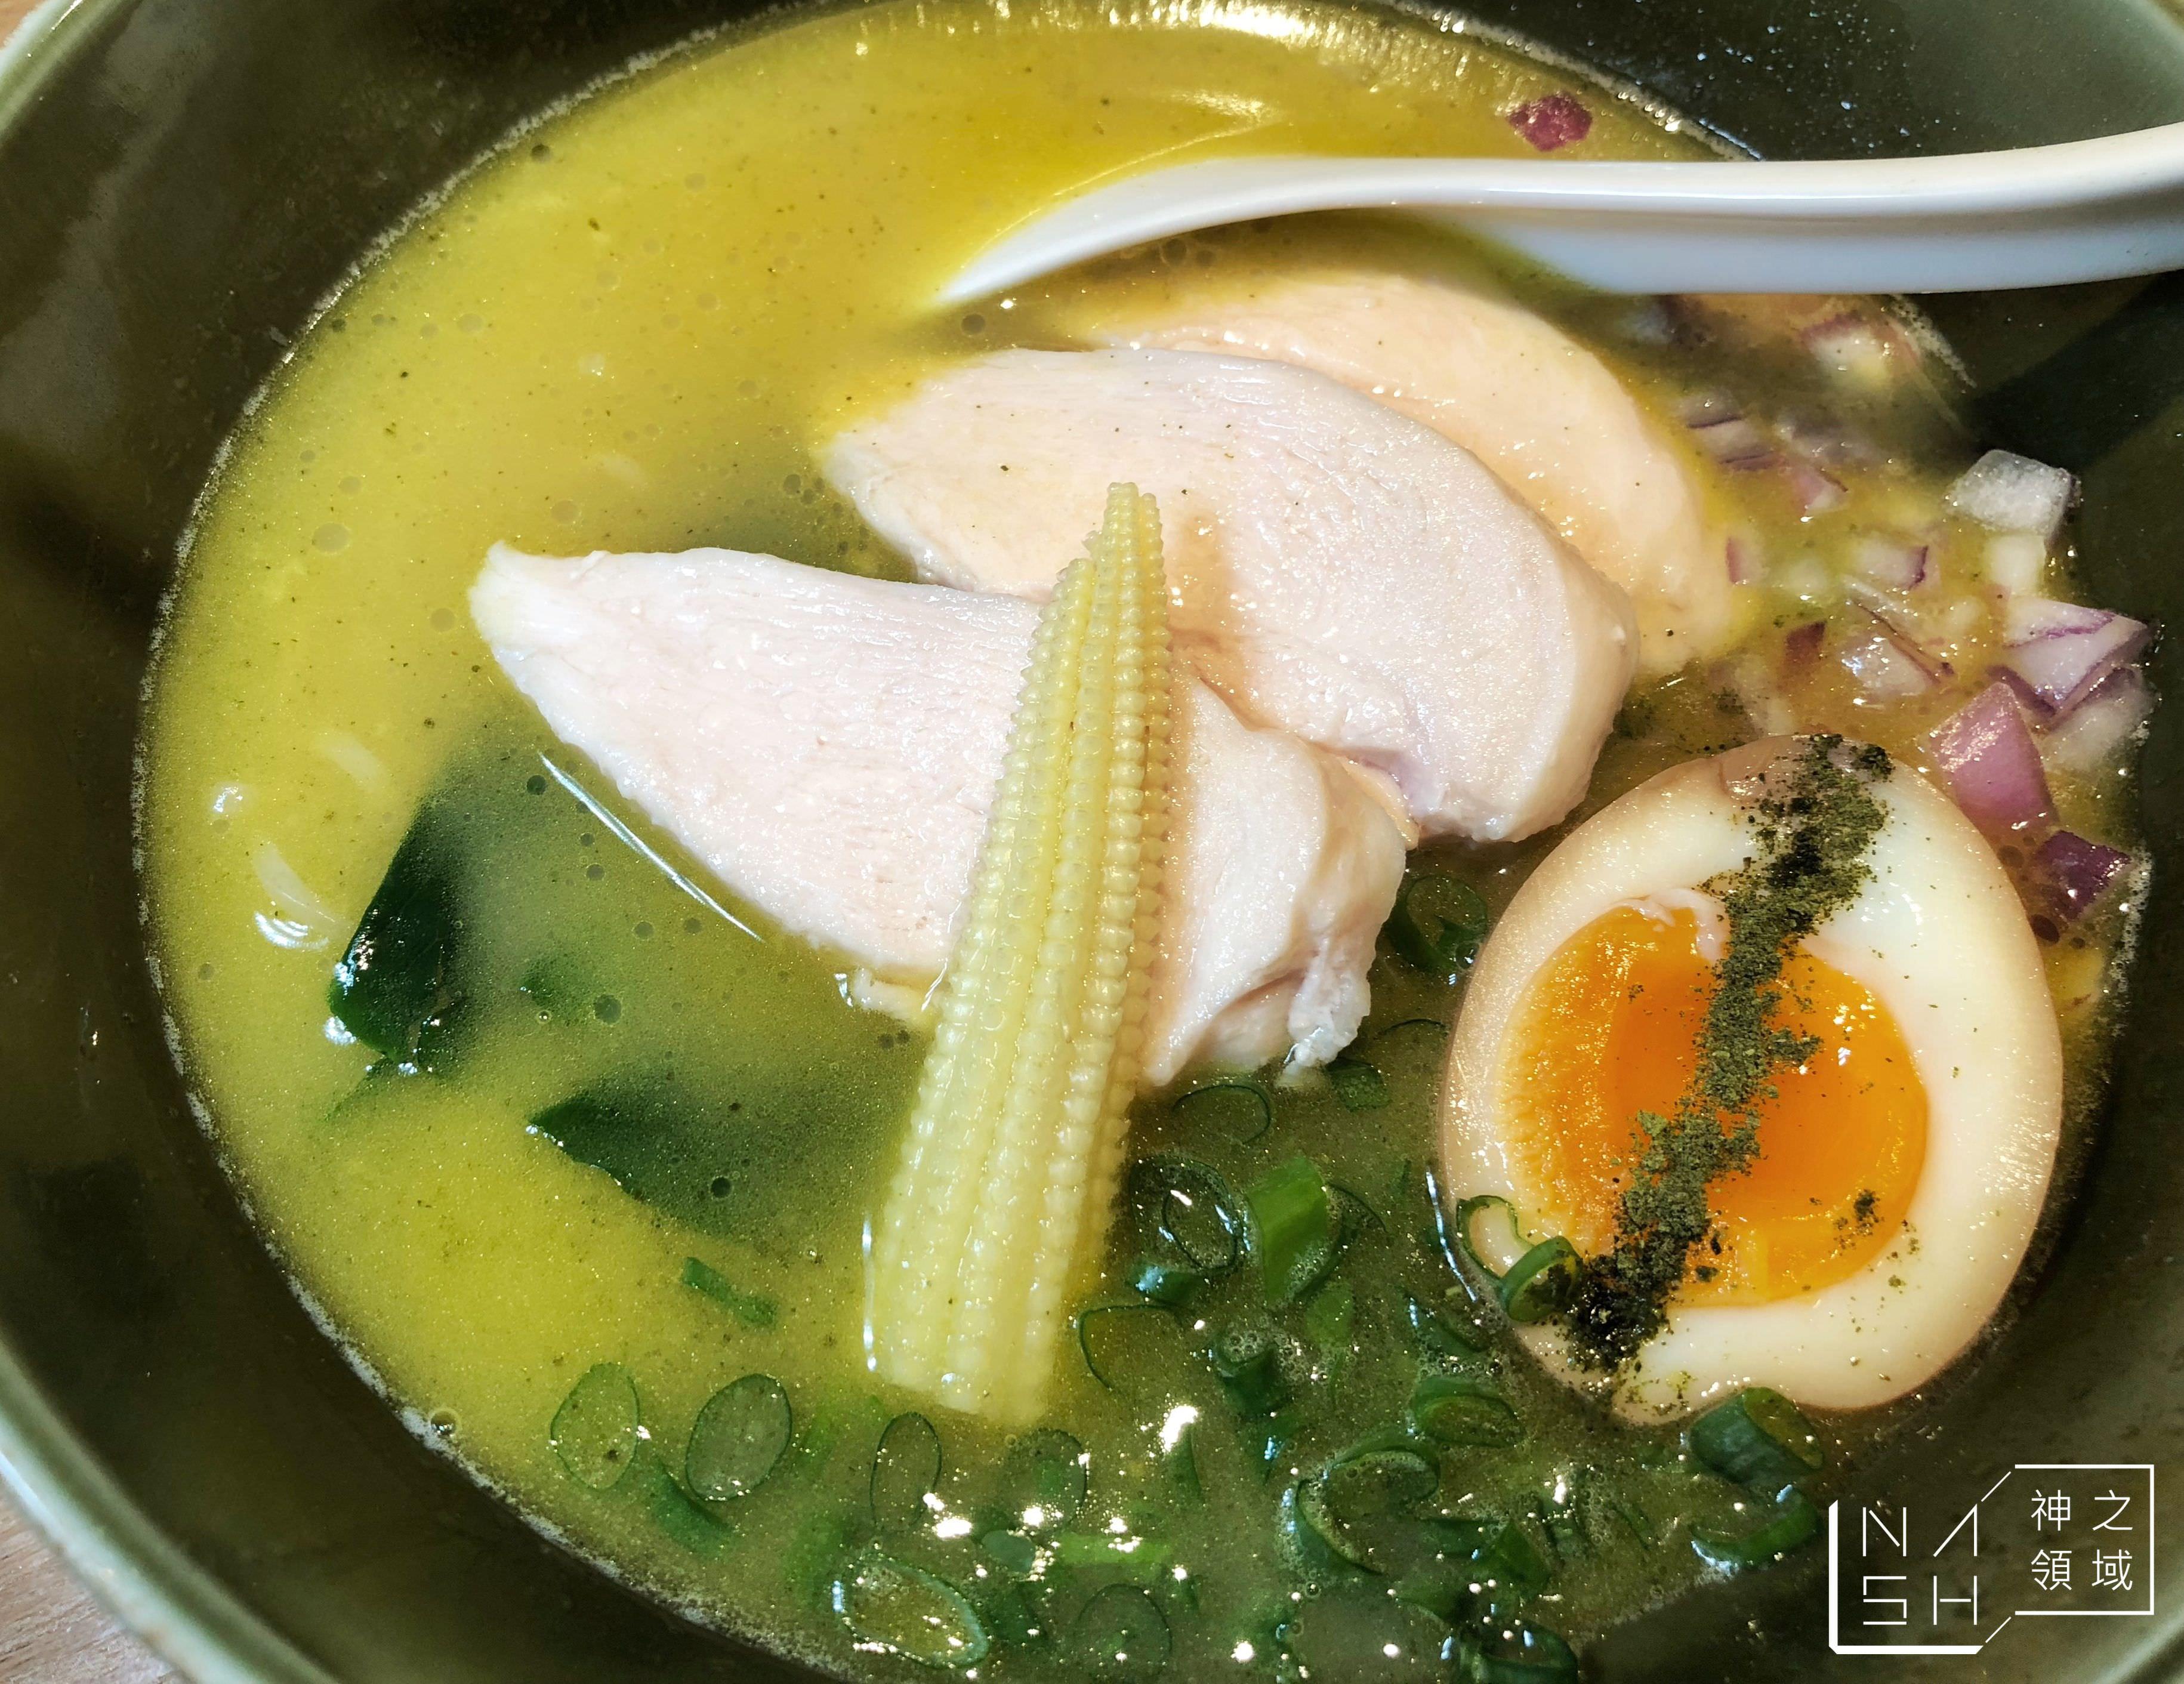 捷運雙連美食,麵屋山茶,大稻程美食 @Nash,神之領域